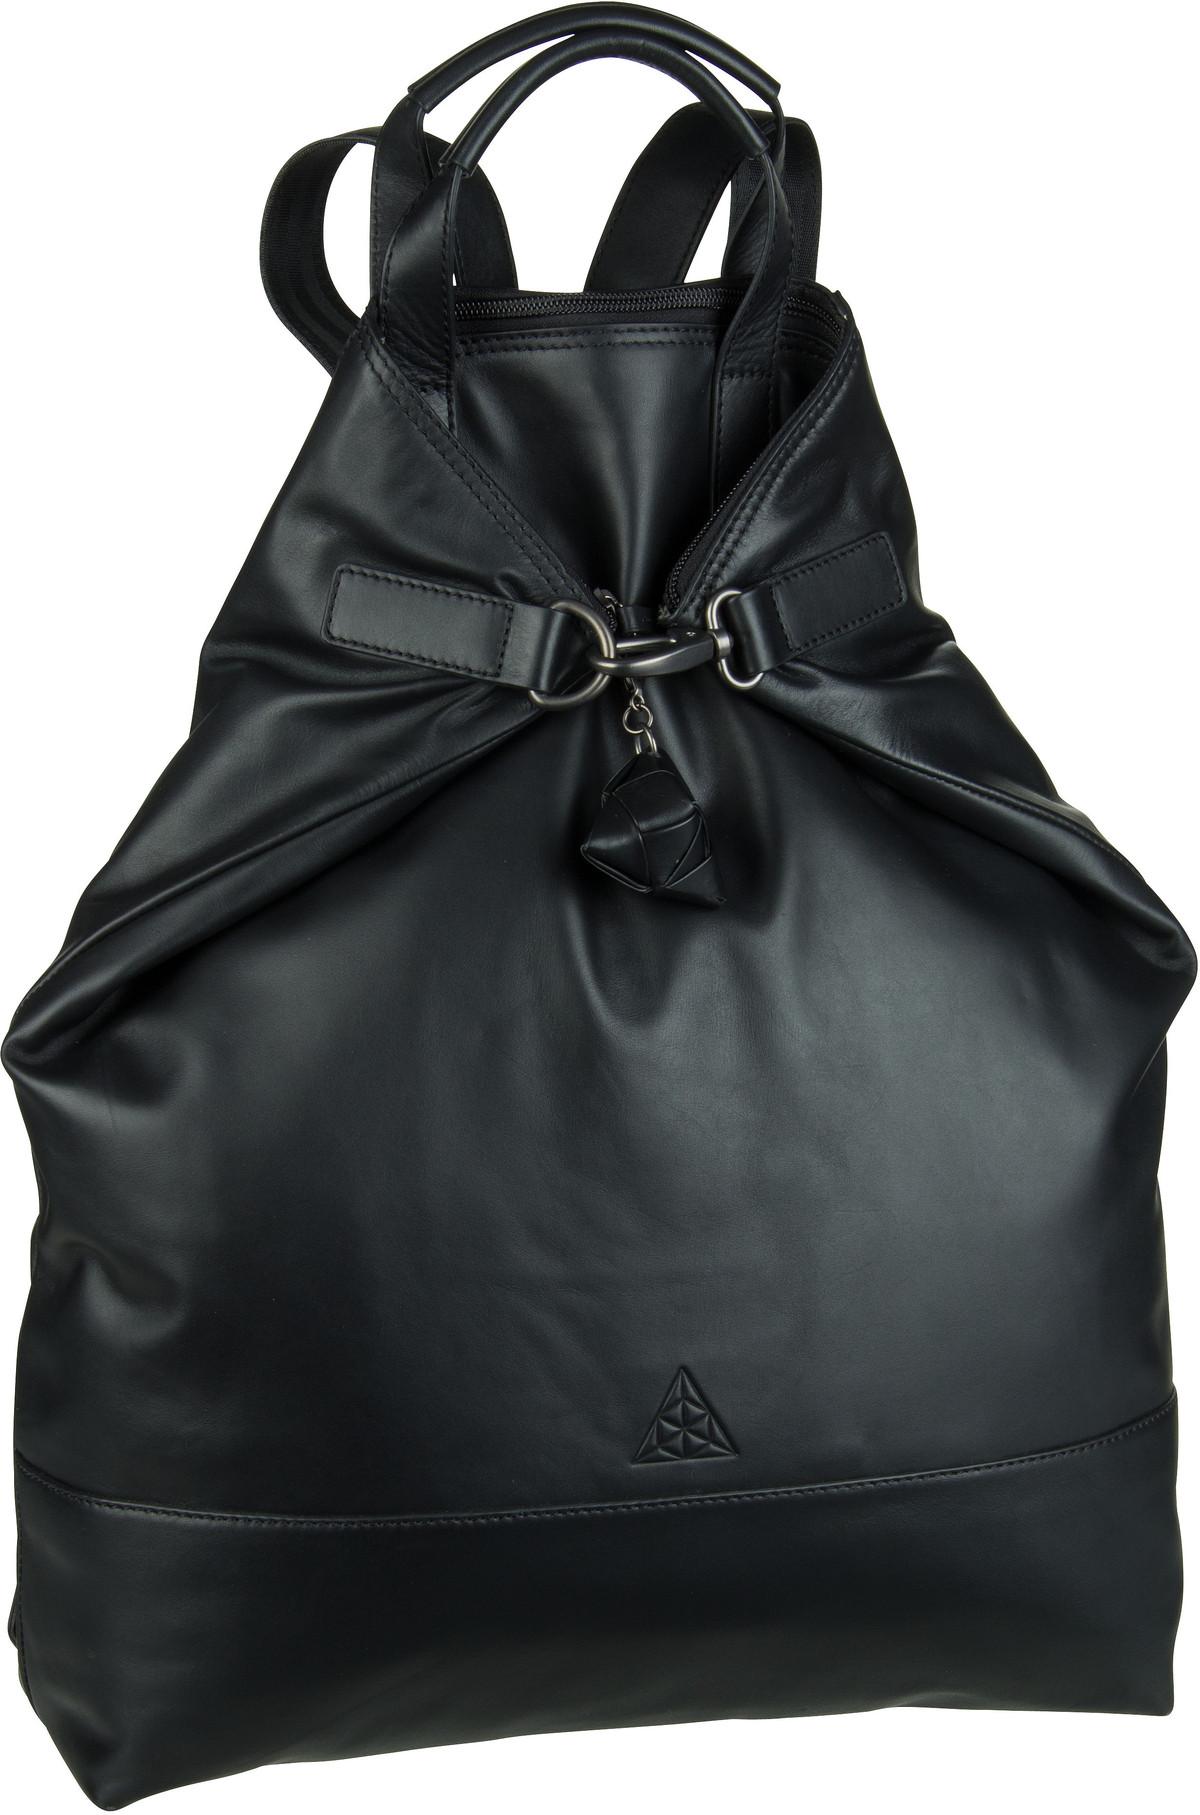 Rucksack / Daypack Alice Sara Ott 6013 X-Change 3in1 Bag L Schwarz